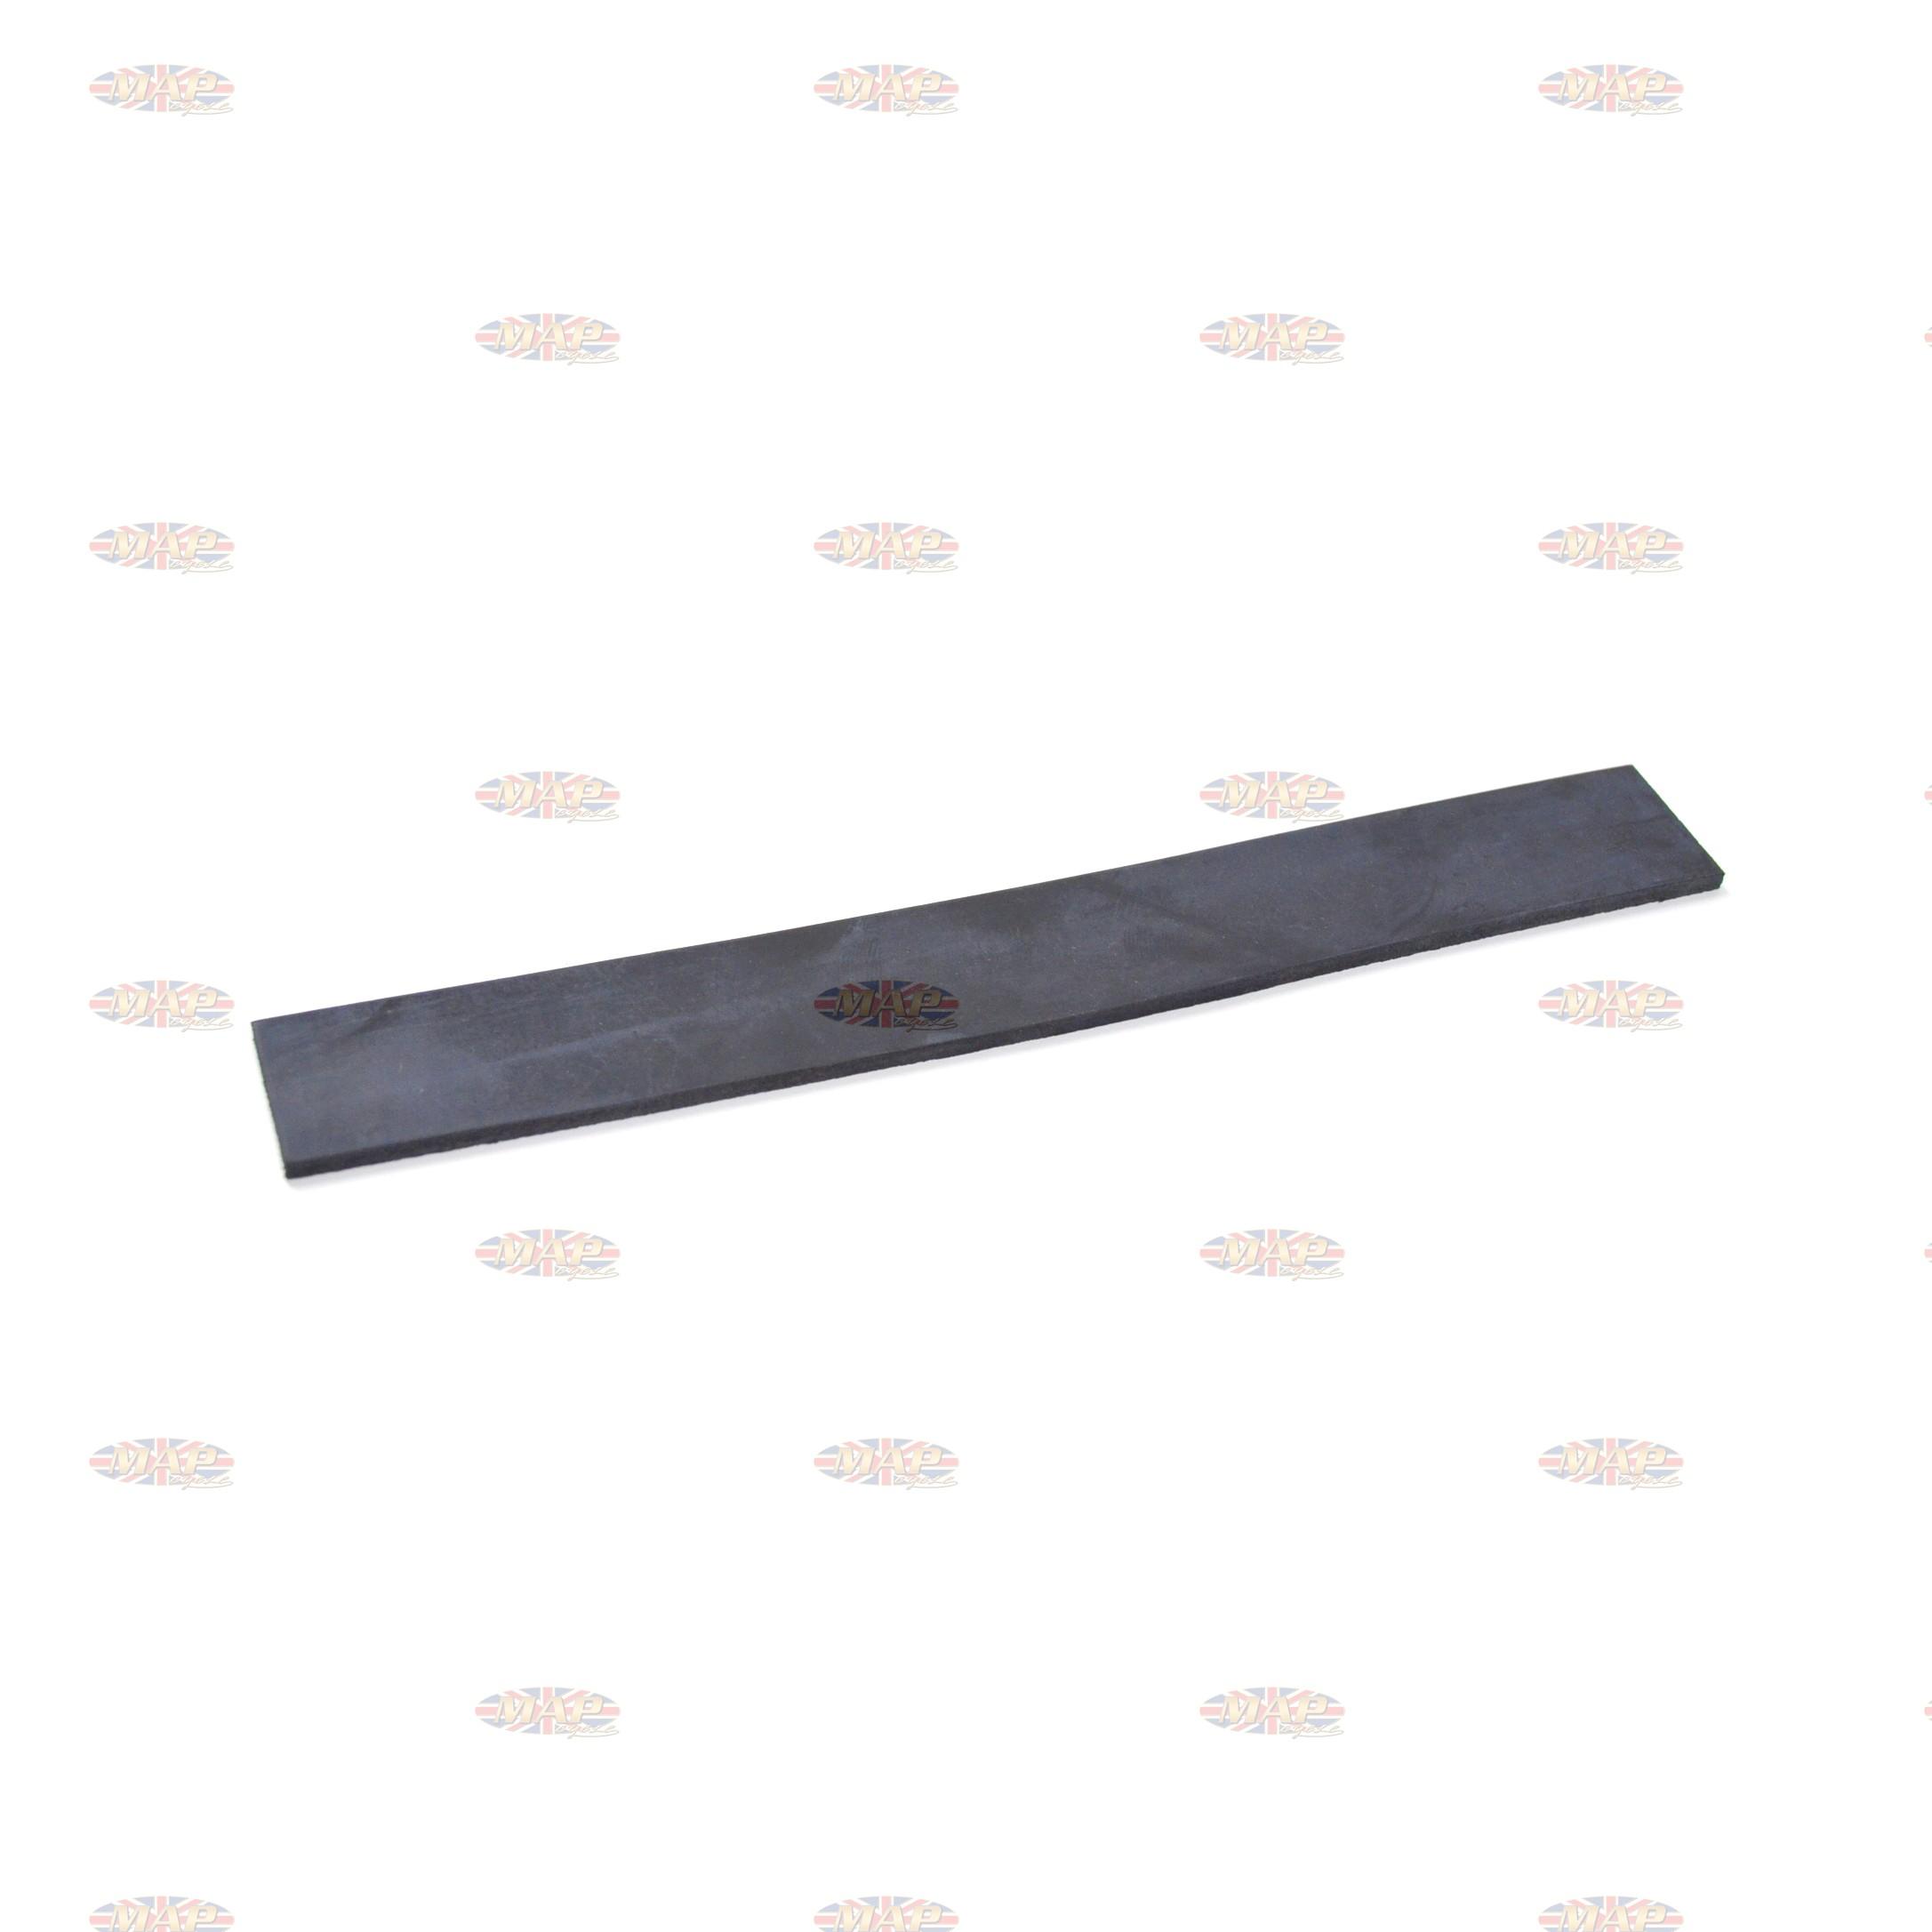 Rubber Strap (1 X 7-3/4) 06-1659